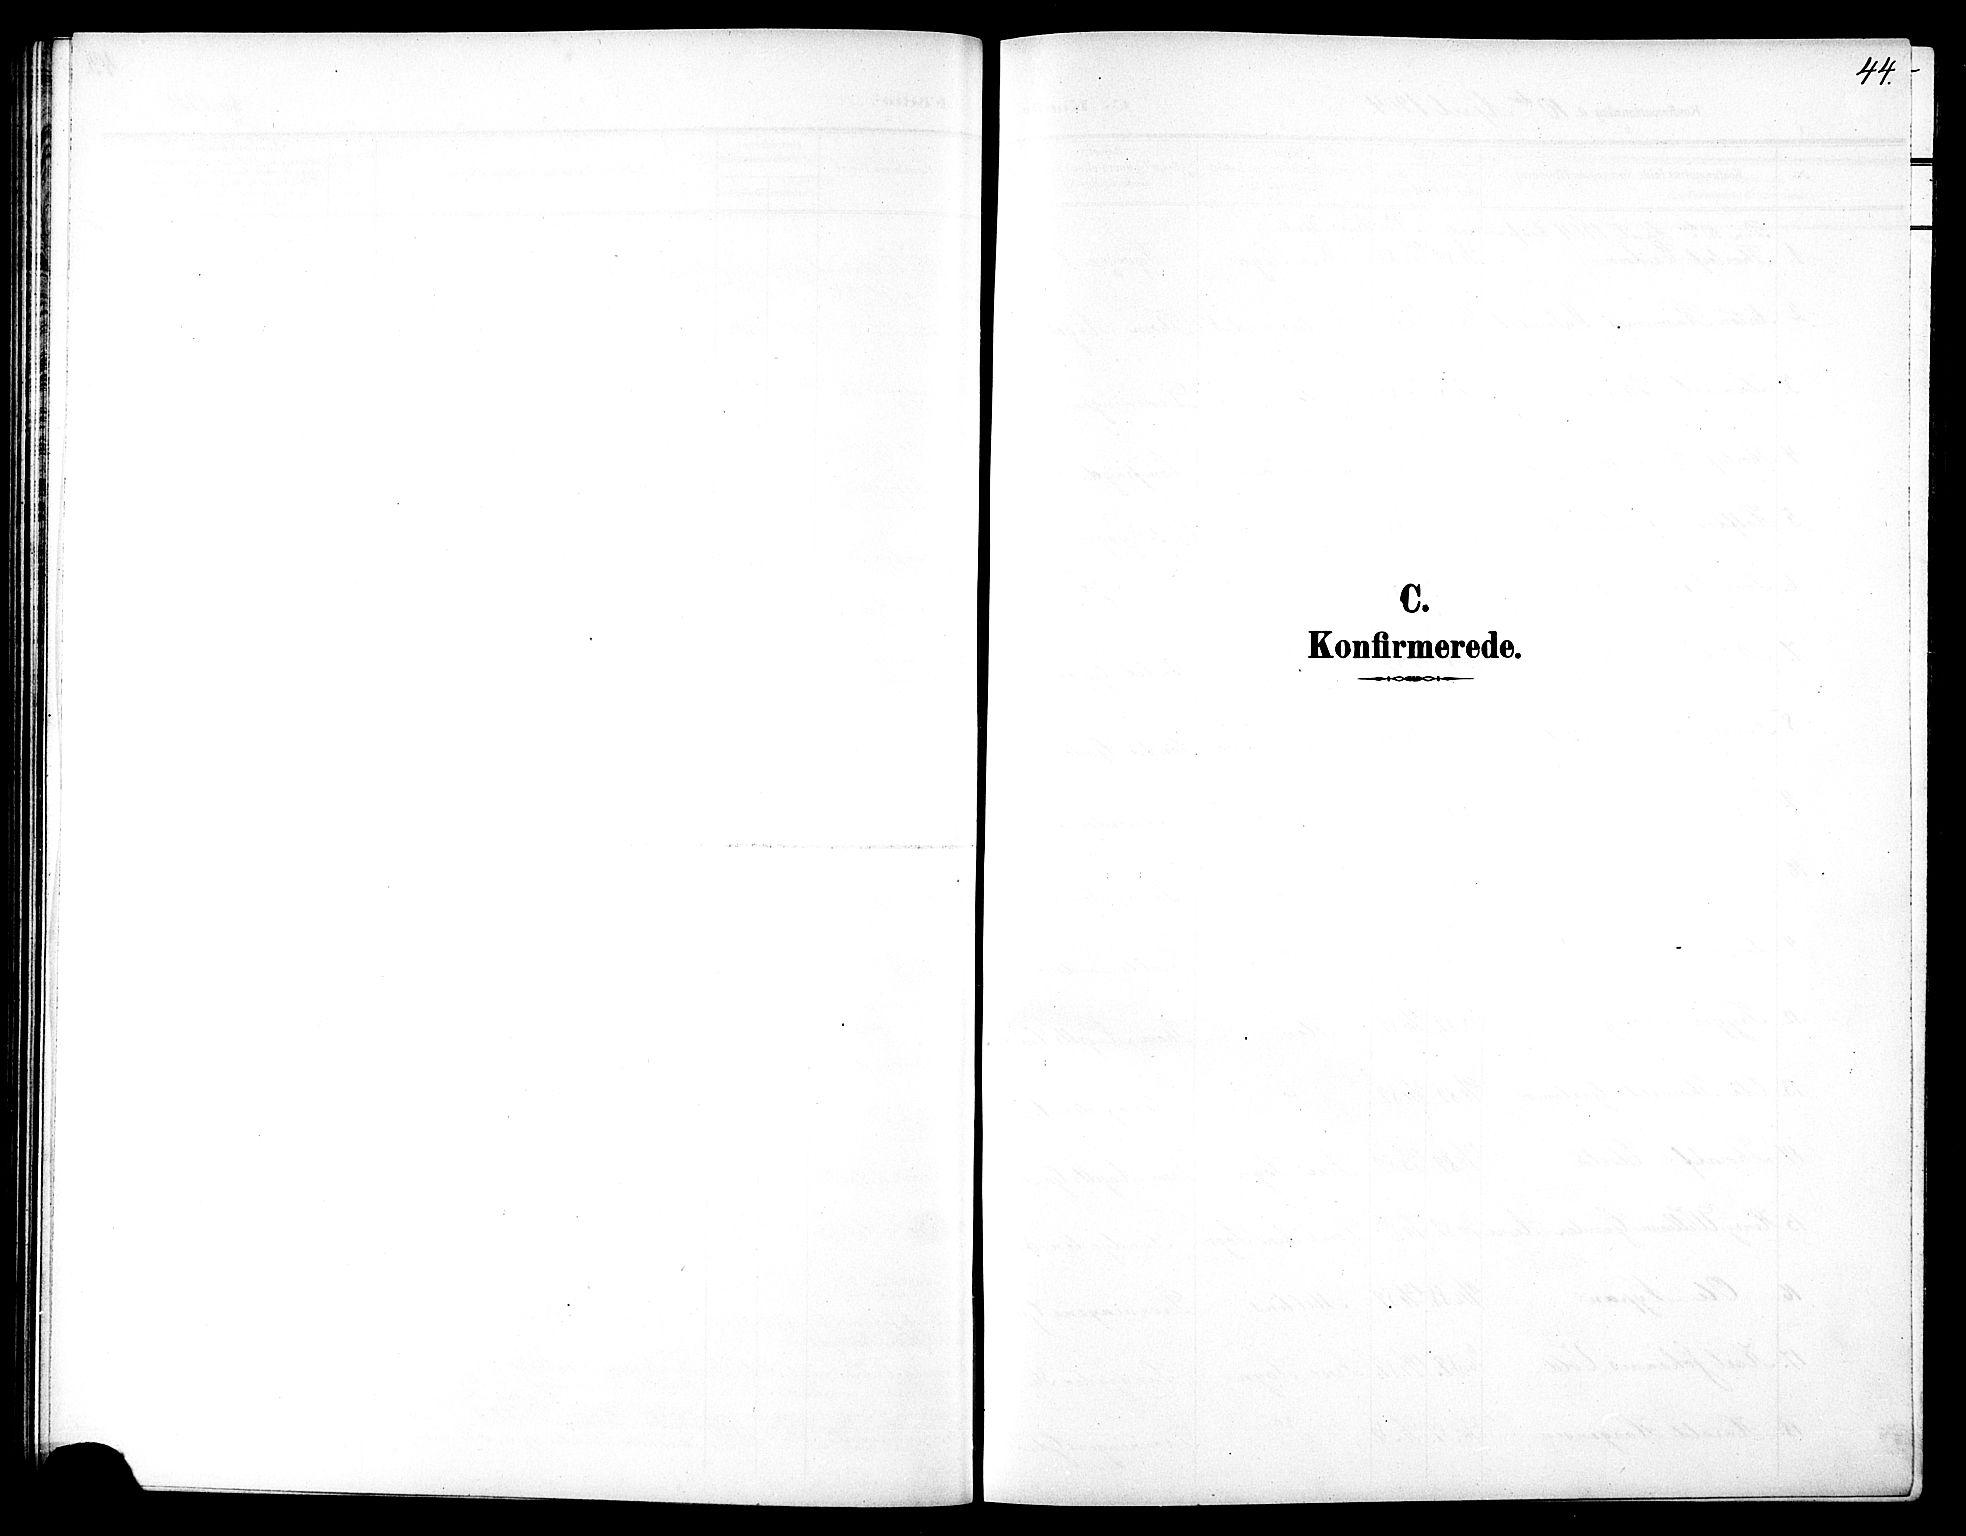 SAT, Ministerialprotokoller, klokkerbøker og fødselsregistre - Sør-Trøndelag, 602/L0146: Klokkerbok nr. 602C14, 1904-1914, s. 44